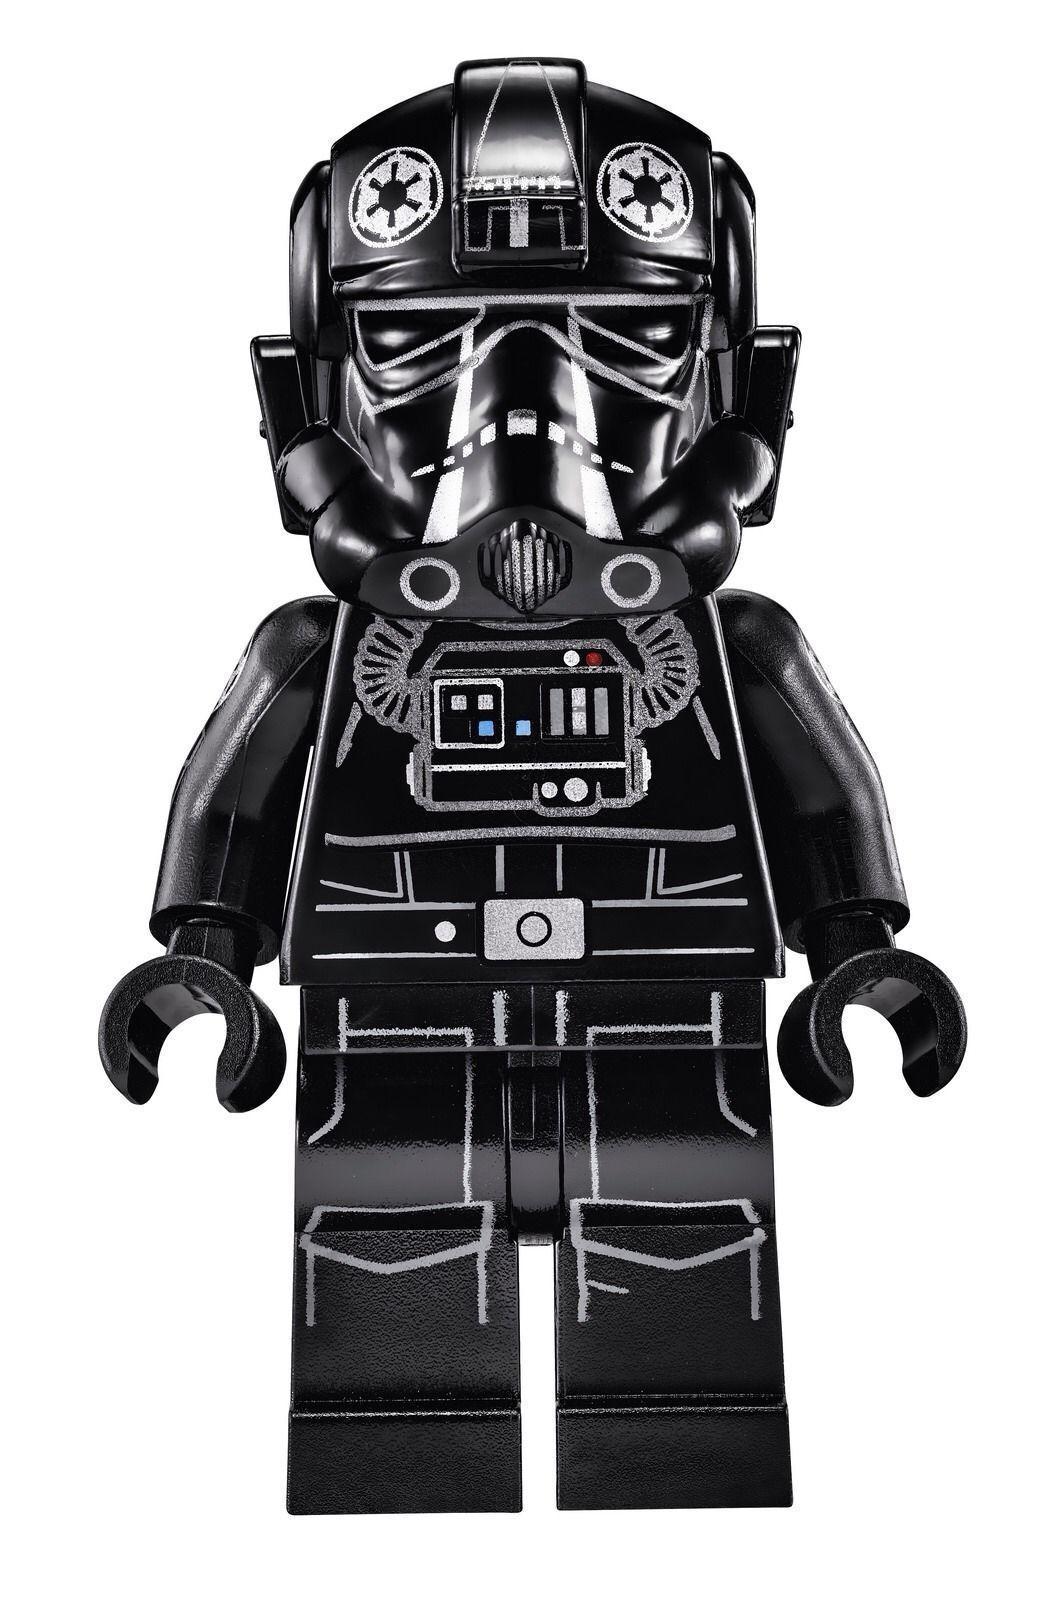 LEGO Star Wars Figur - TIE Fighter Fighter Fighter Pilot aus 75095 TIE Fighter UCS NEUHEIT 2015 cb1470